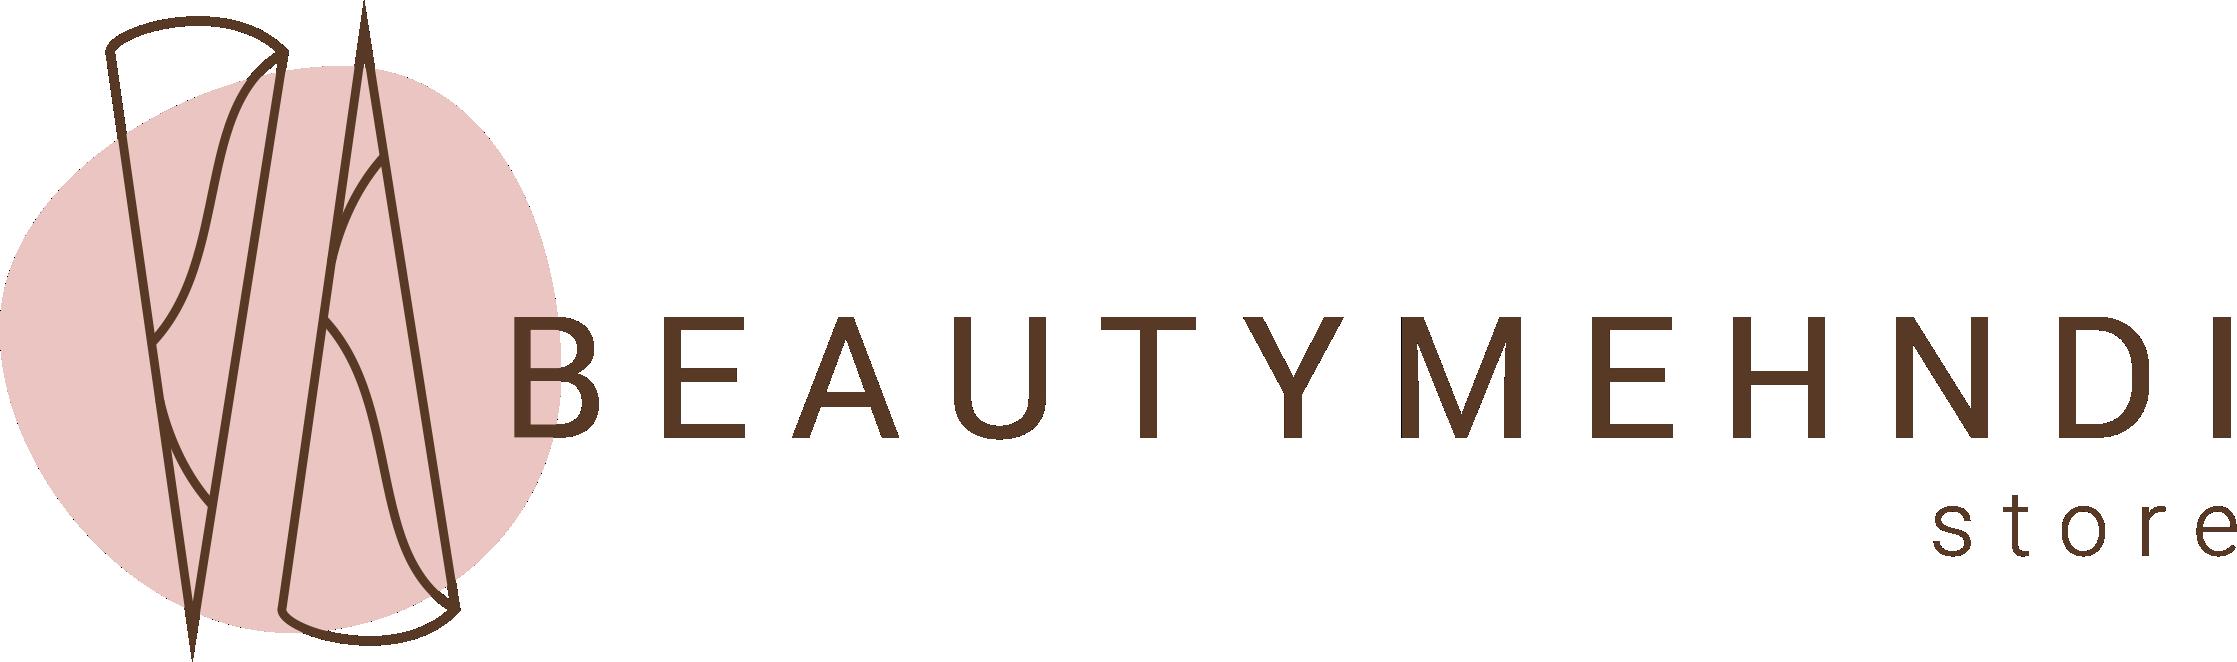 BeautyMehndi